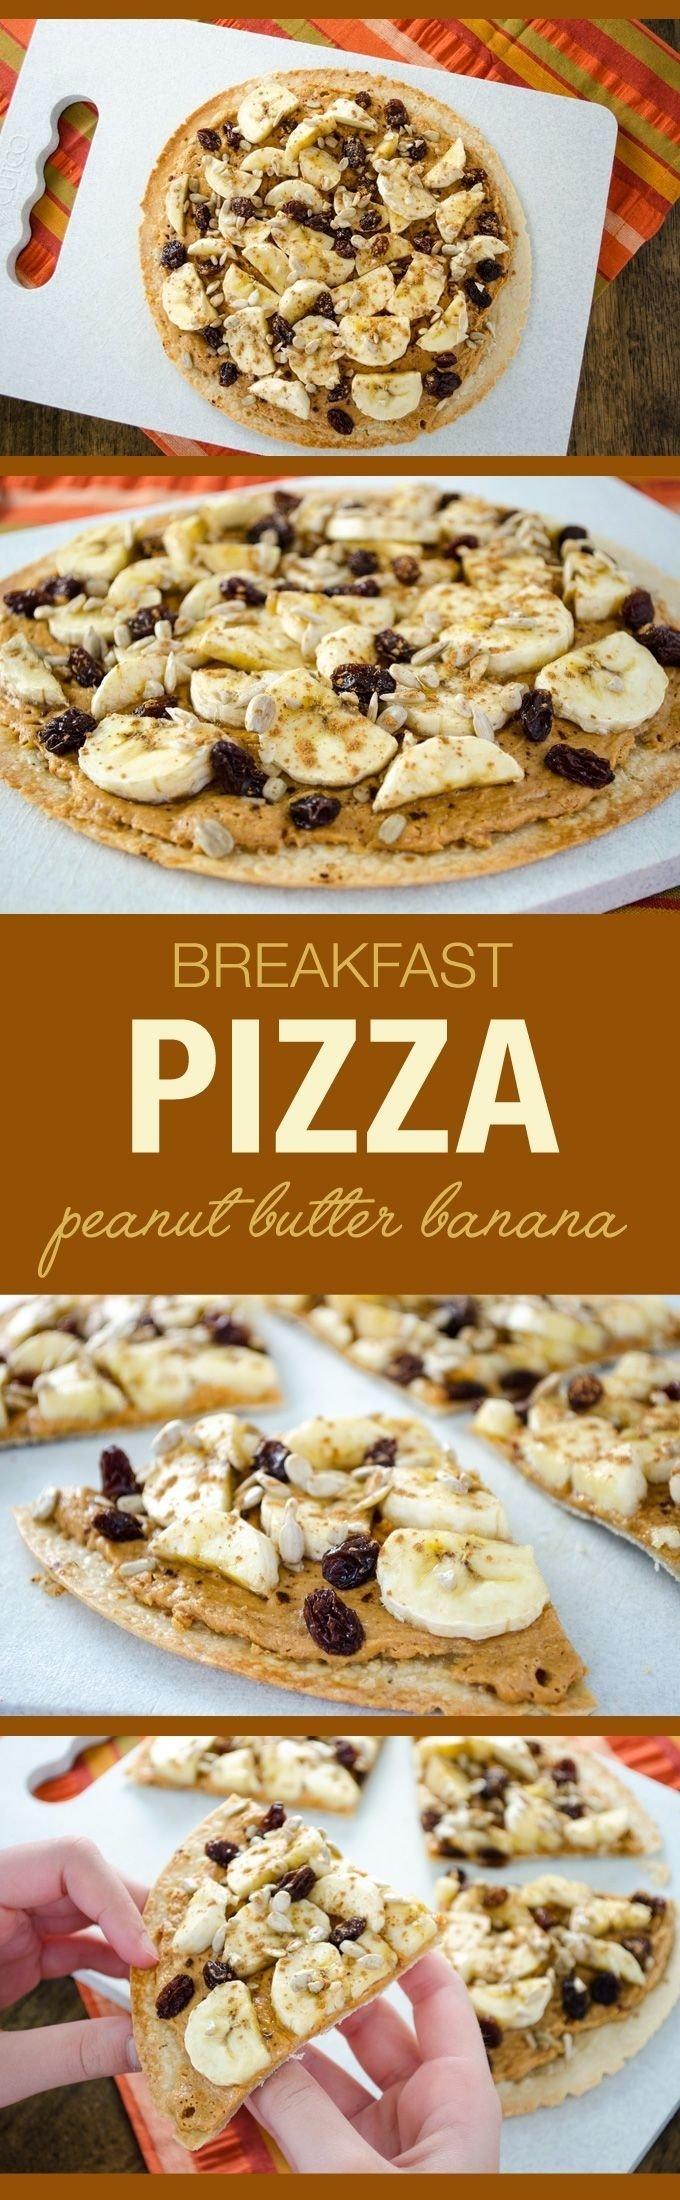 10 Great Gluten Free Breakfast Ideas For Kids 1427 best vegan breakfast images on pinterest breakfast 2021